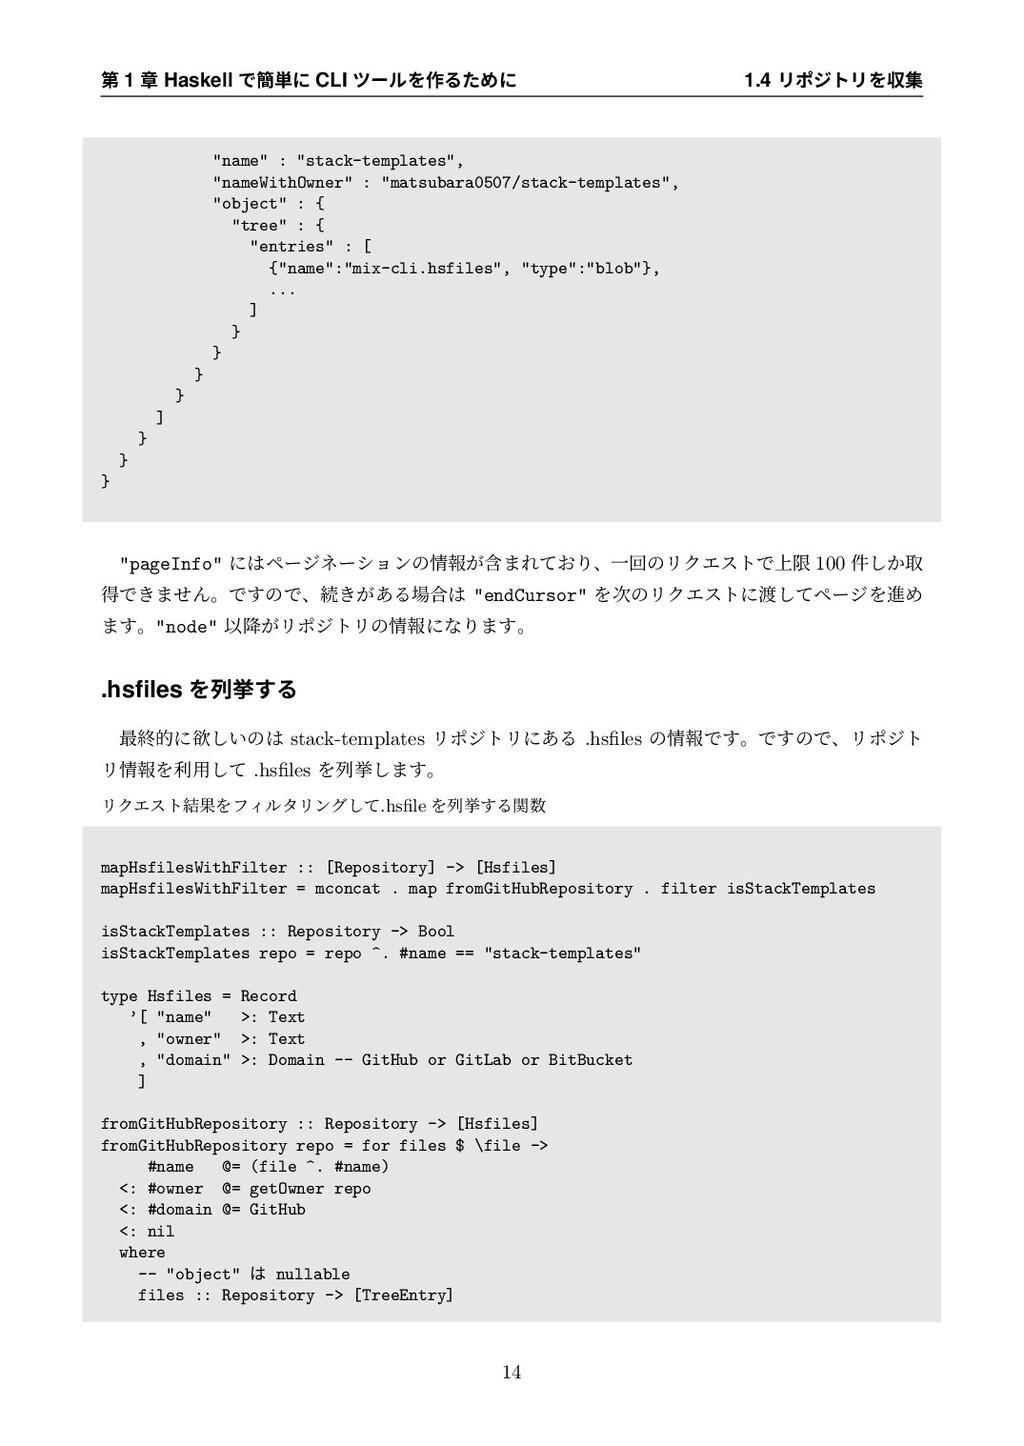 """ୈ 1 ষ Haskell Ͱ؆୯ʹ CLI πʔϧΛ࡞ΔͨΊʹ 1.4 ϦϙδτϦΛऩू """"..."""